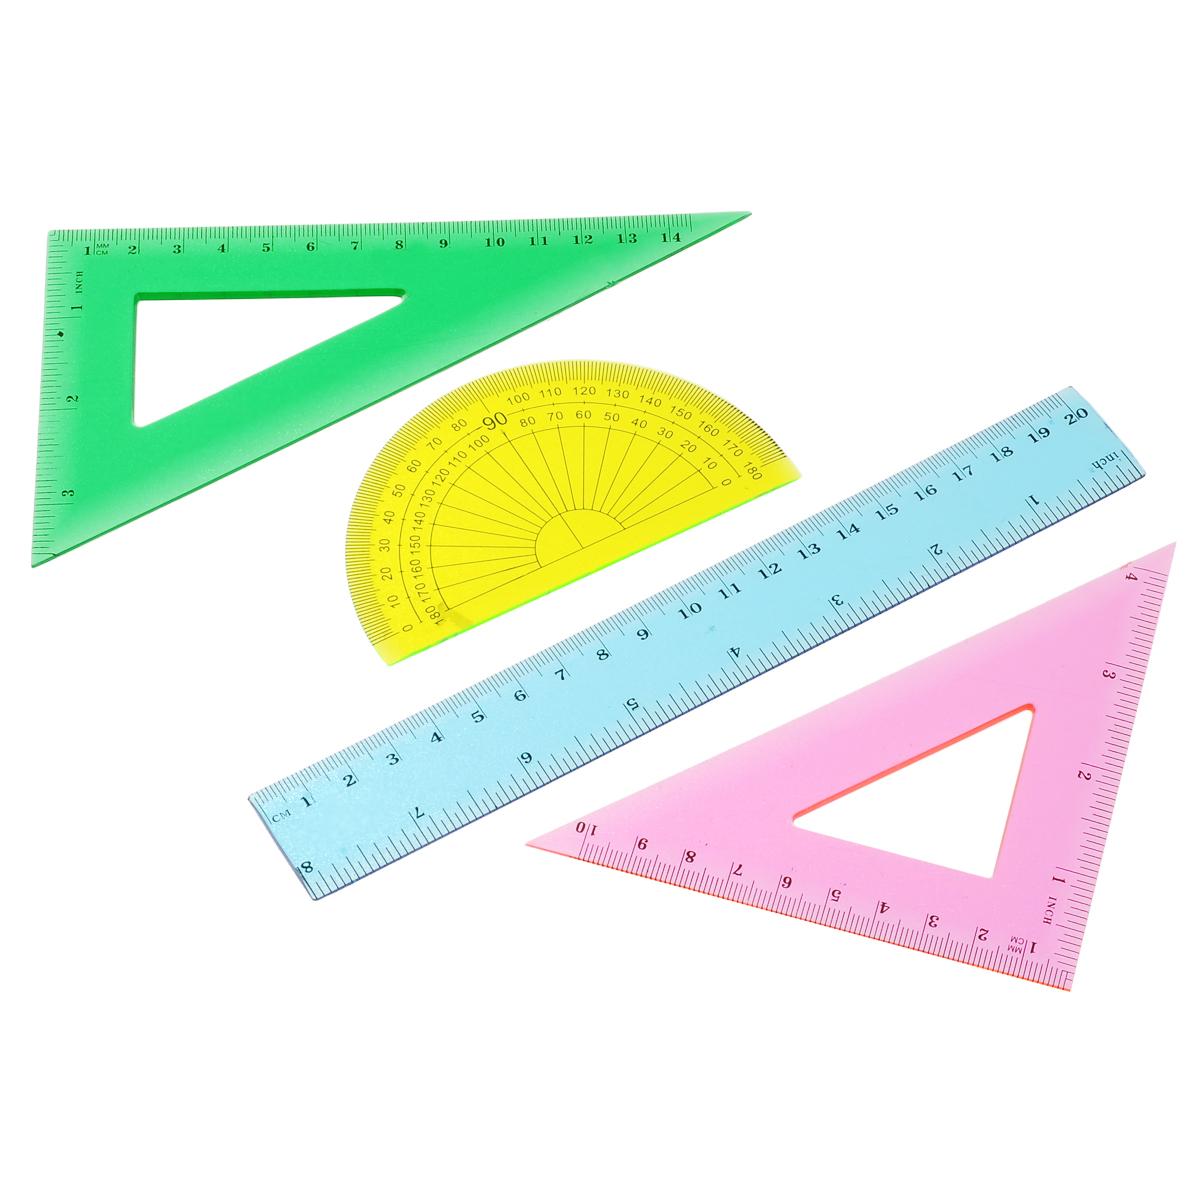 Геометрический набор Proff, 4 предмета. PDS20PDS20Геометрический набор Proff, выполненный из прозрачного пластика можно носить повсюду. Набор состоит из четырех предметов: линейки на 20 сантиметров, транспортира на 180 градусов и двух угольников. Один угольник с углами 45, 45, 90 градусов, одна сторона угольника представляет собой линейку на 15 сантиметров. Второй угольник с углами 30, 60, 90 градусов и линейкой на 11 сантиметров.Разметка шкалы нанесена на внутреннюю поверхность чертежных принадлежностей, что предотвращает ее истирание. Каждый чертежный инструмент имеет свои функциональные особенности, что делает работу с ними особенно удобной и легкой. УВАЖАЕМЫЕ КЛИЕНТЫ!Обращаем ваше внимание на ассортимент в цветовом дизайне товара. Поставка осуществляется в зависимости от наличия на складе.